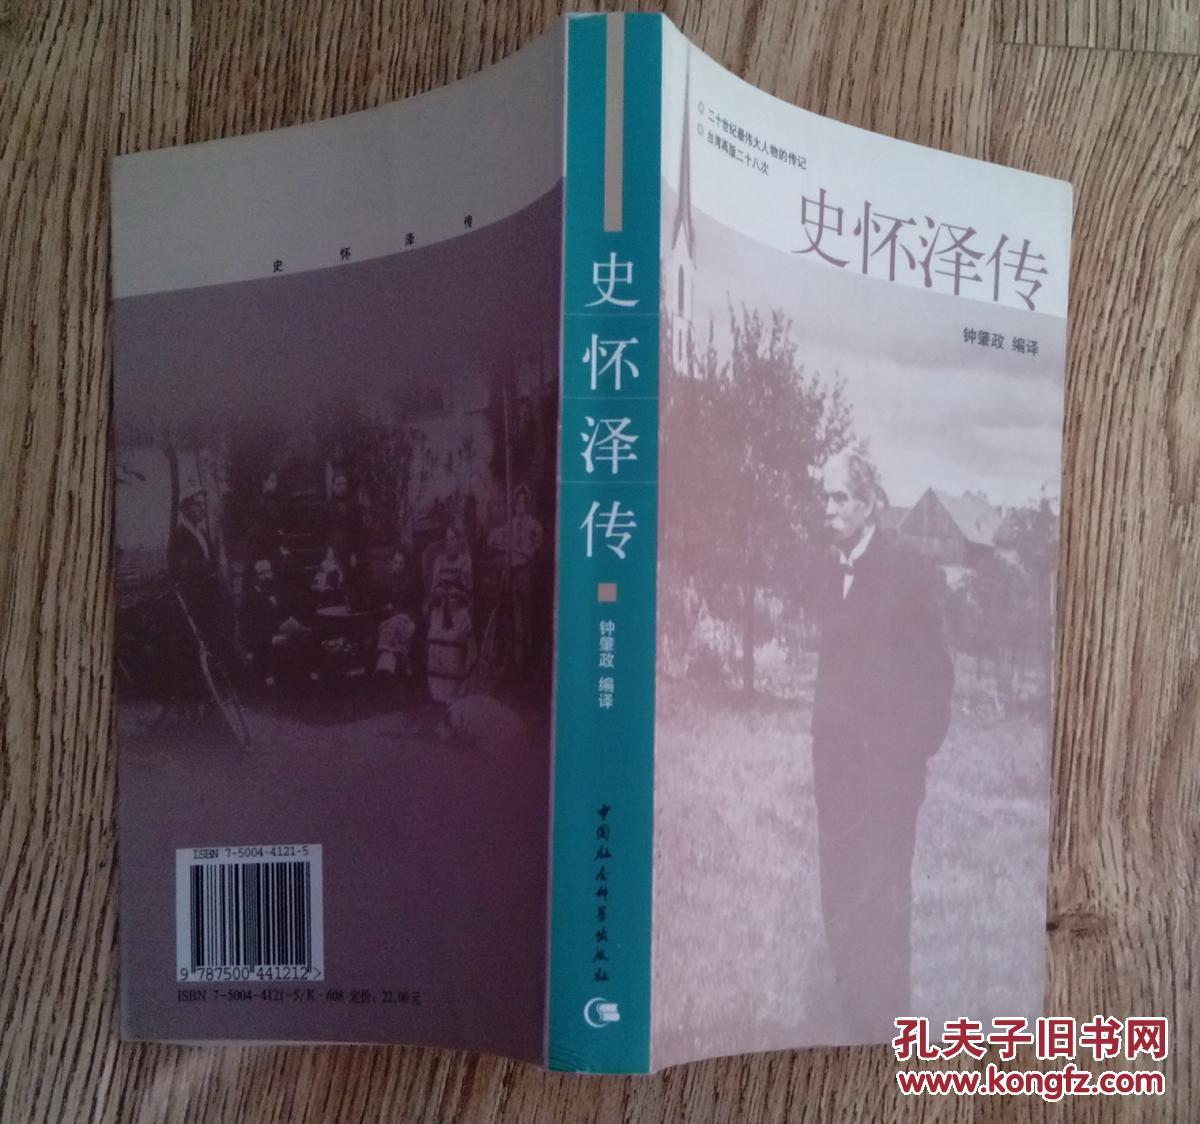 【图】史怀泽传 钟肇政 编译_价格:5.00